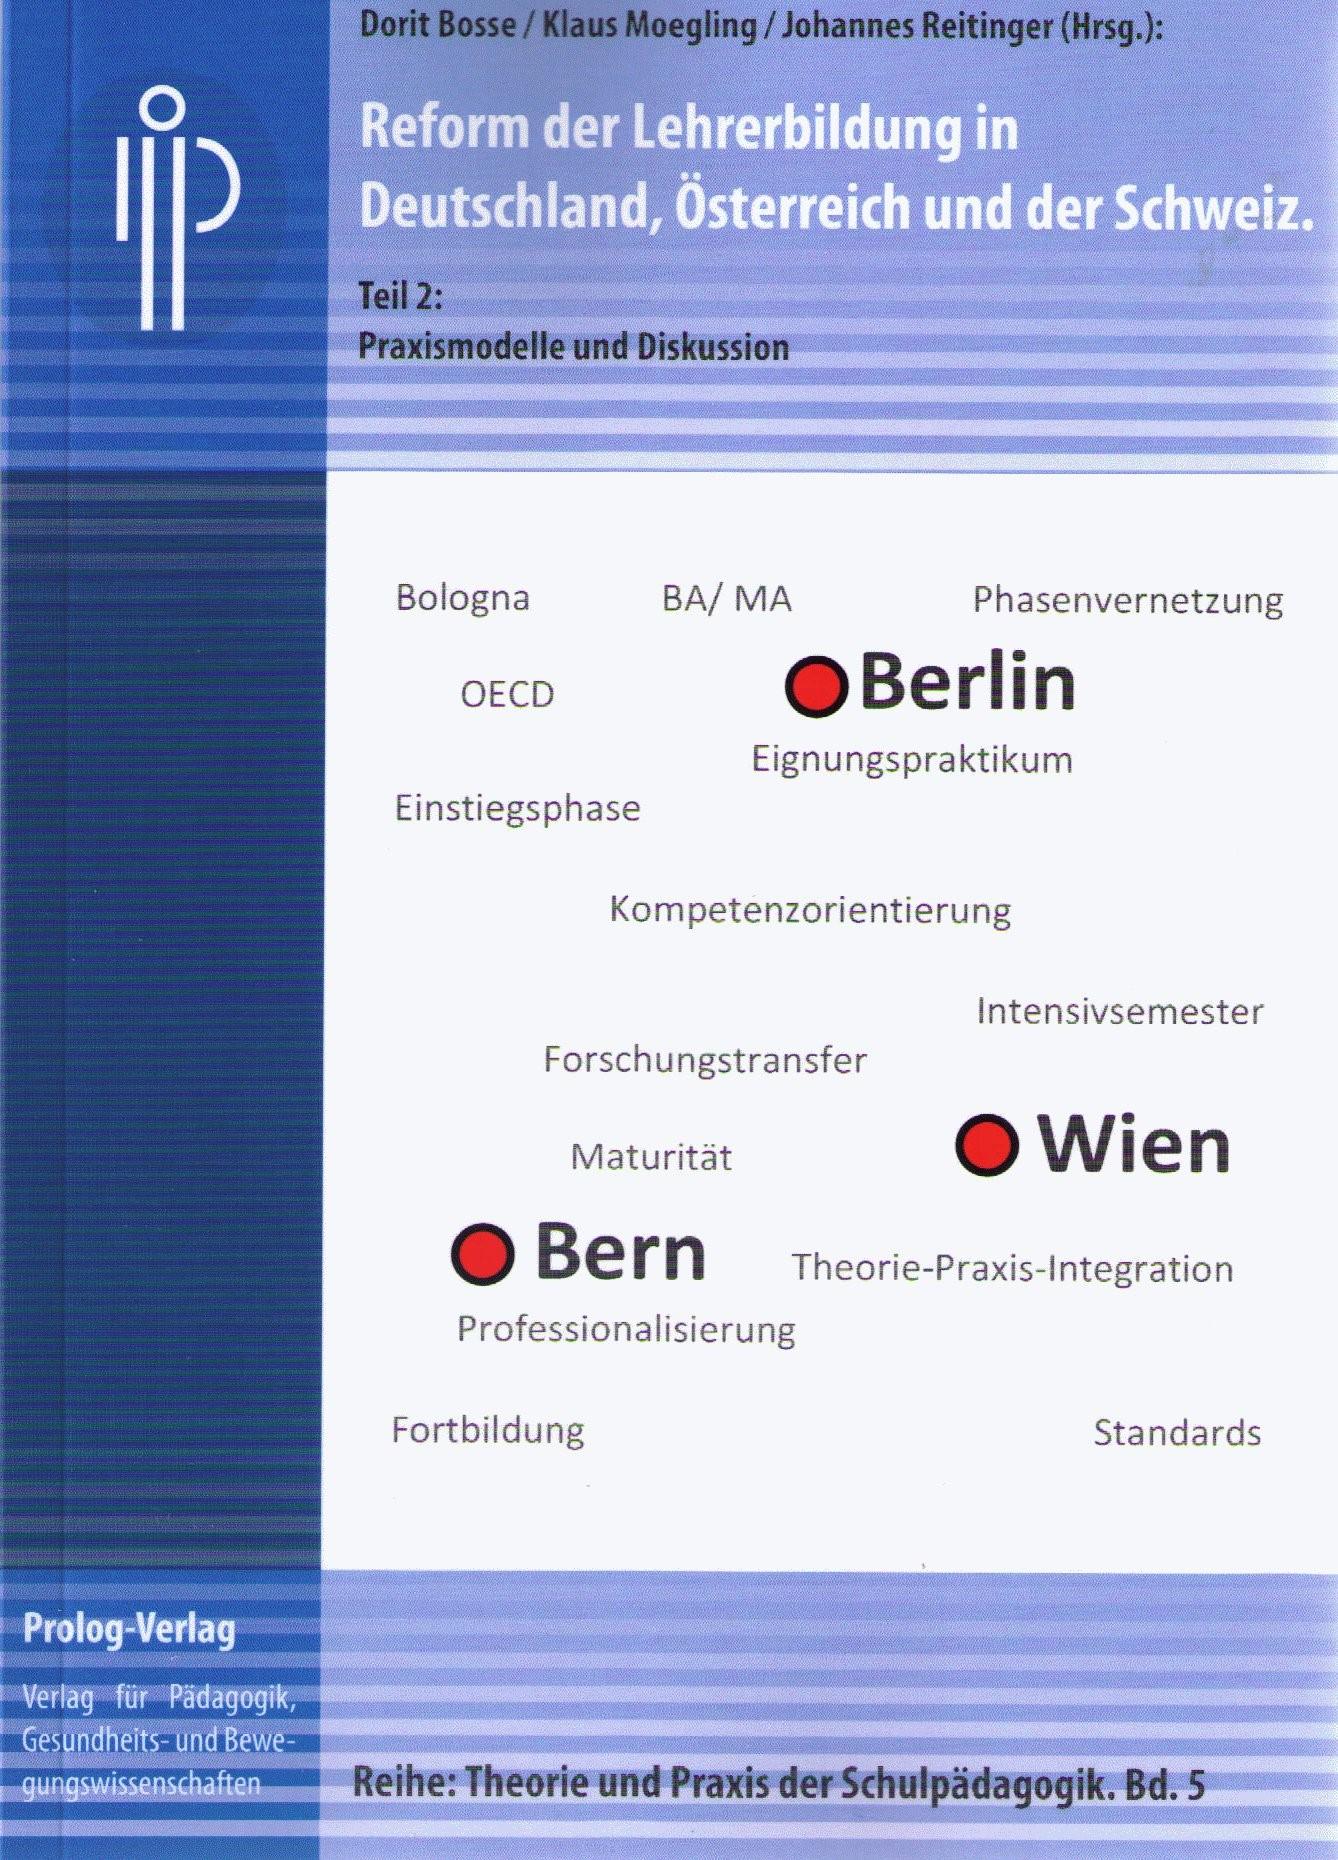 Reform der Lehrerbildung in Deutschland, Österreich und der Schweiz | Bosse / Moegling / Reitinger, 2012 | Buch (Cover)